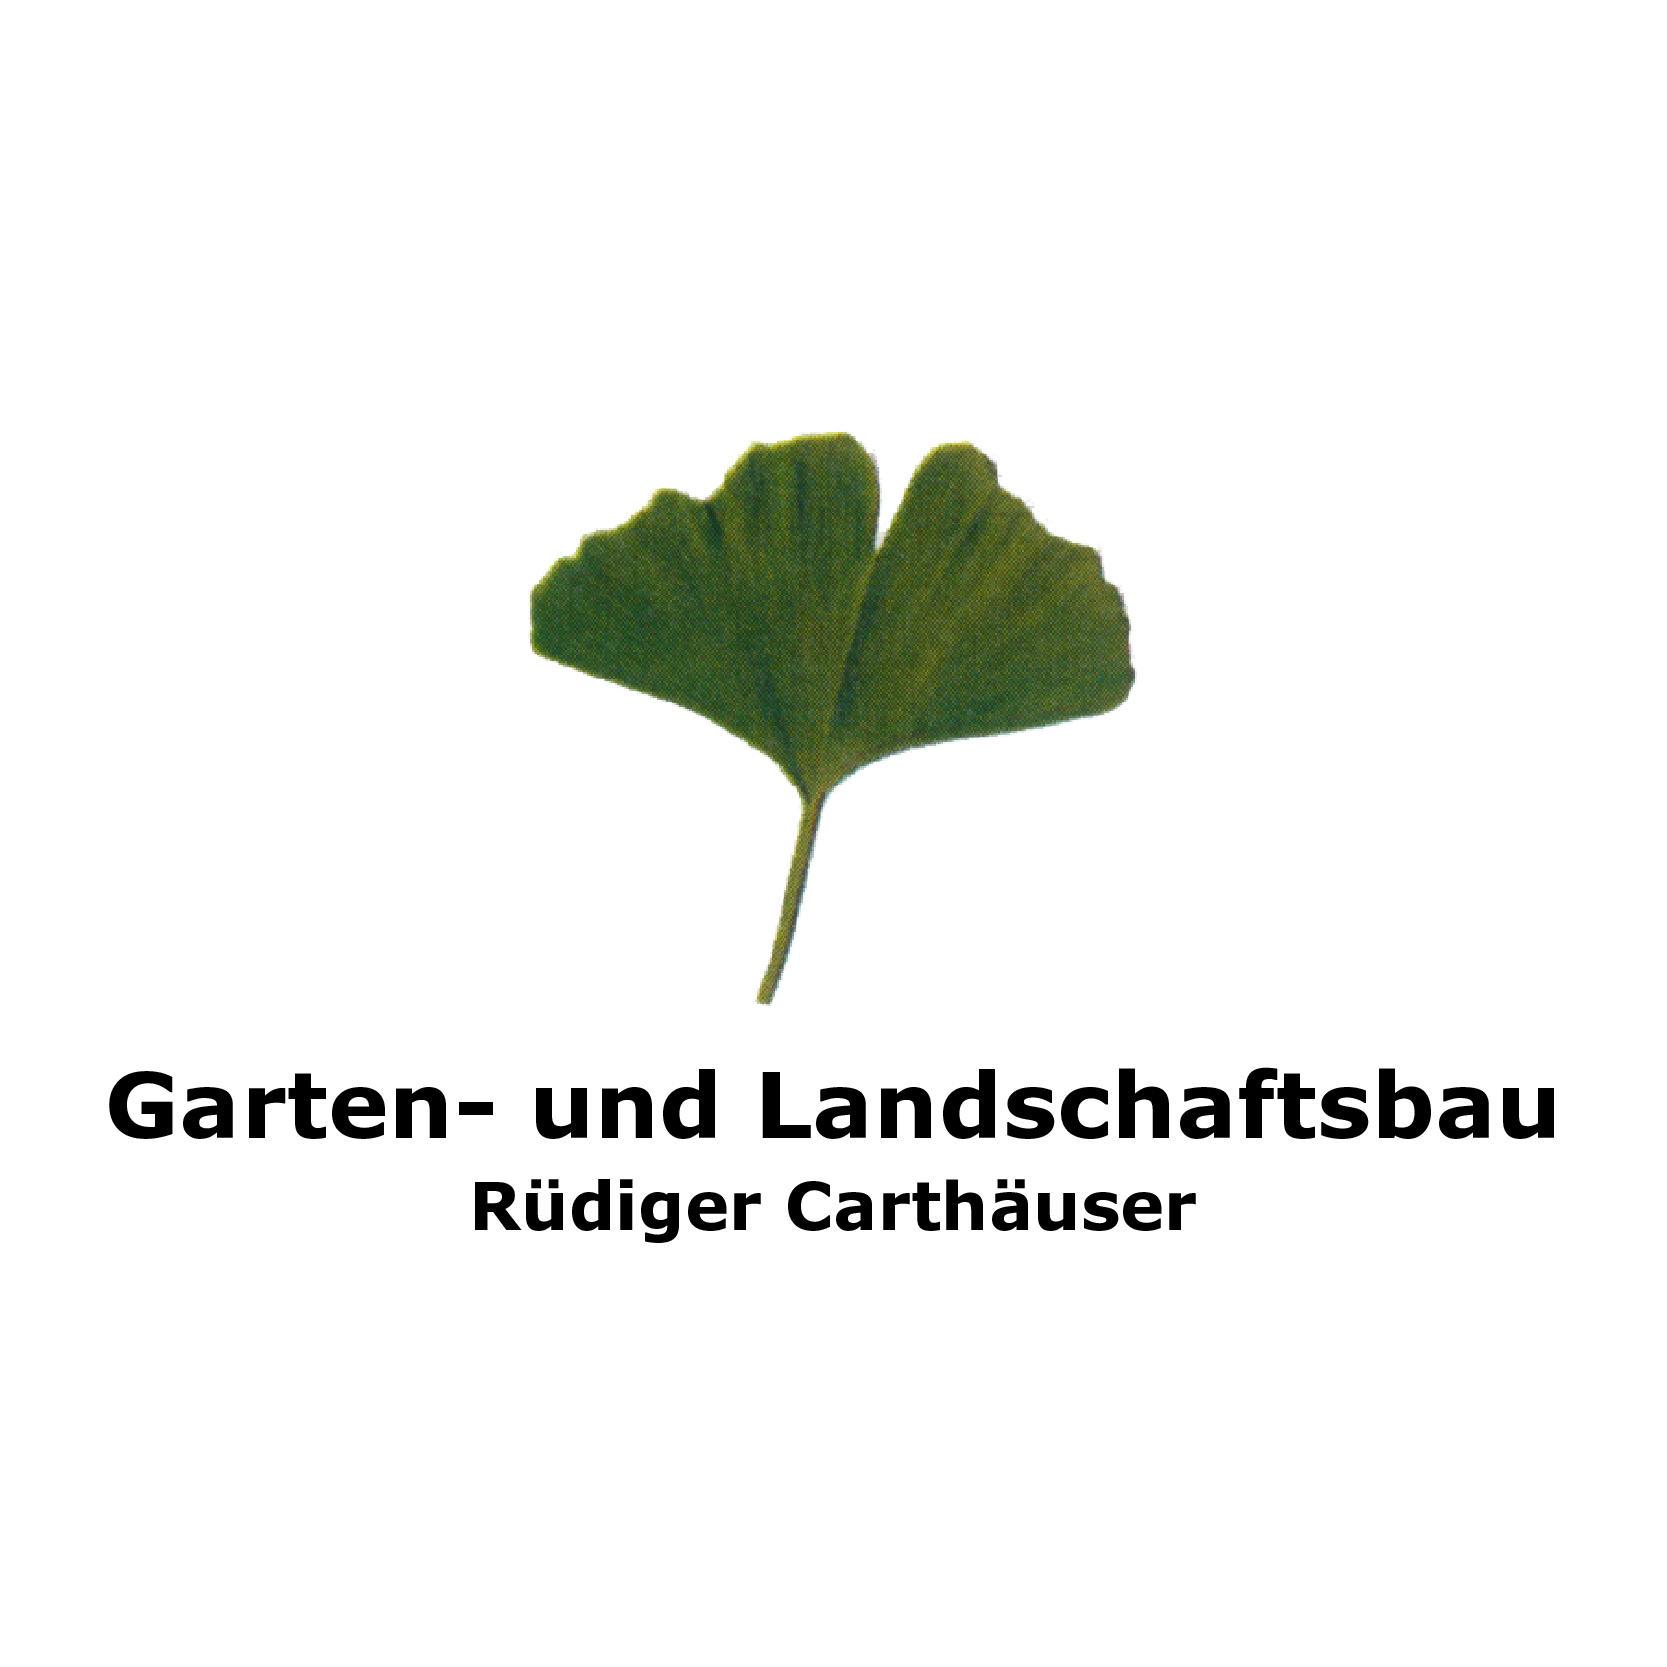 Garten und landschaftsbau r diger carth user in 35094 for Garten landschaftsbau